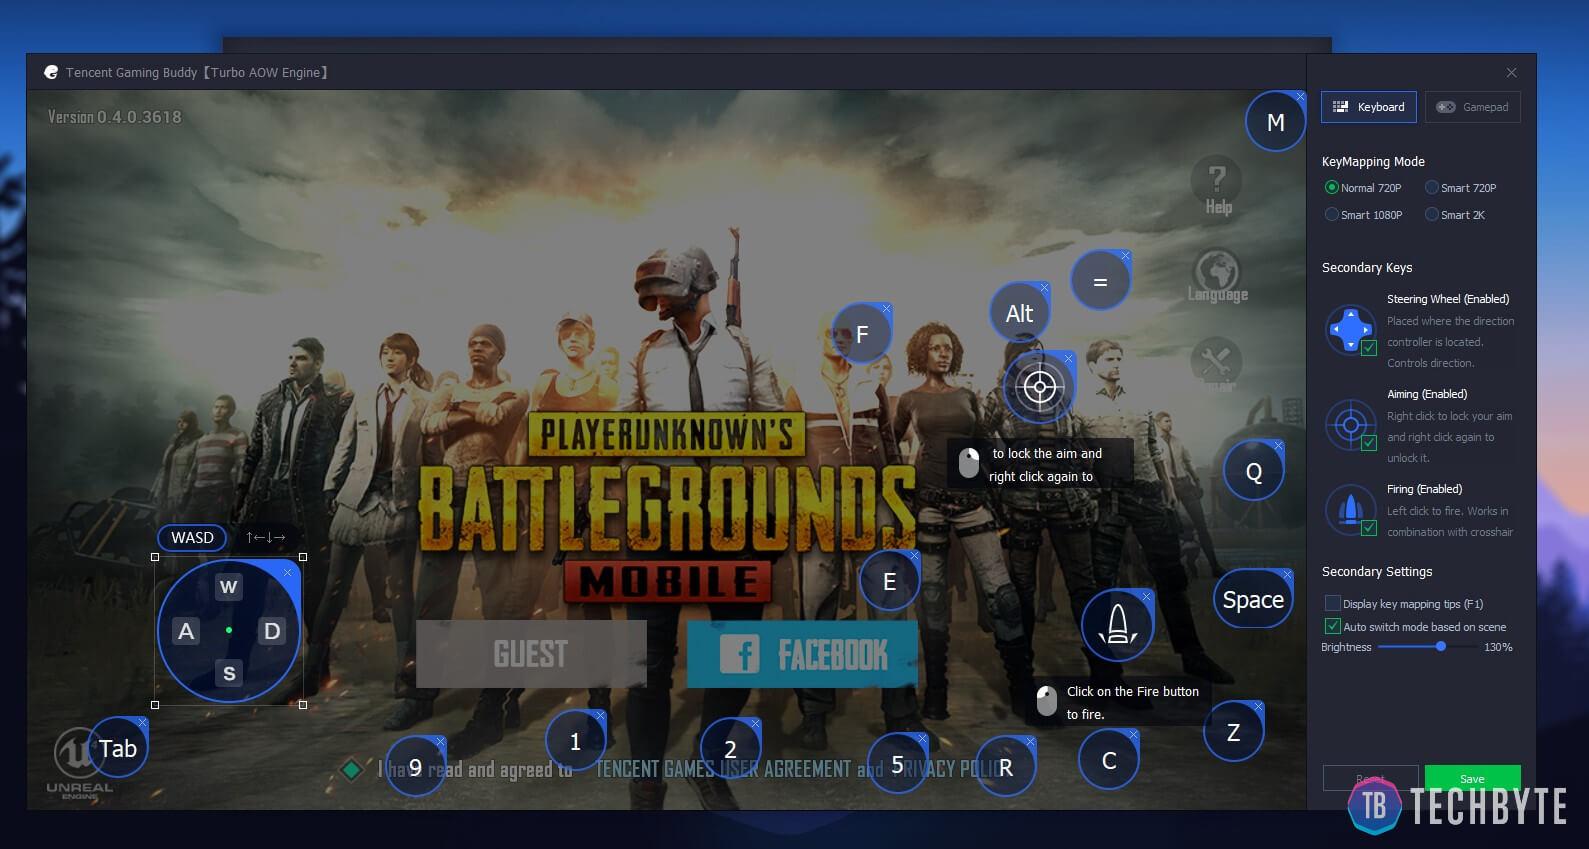 Pubg Mobile Ultra Hd Emulator: PUBG Mobile Si Môžeš Zahrať Aj Na Počítači. Vyskúšaj